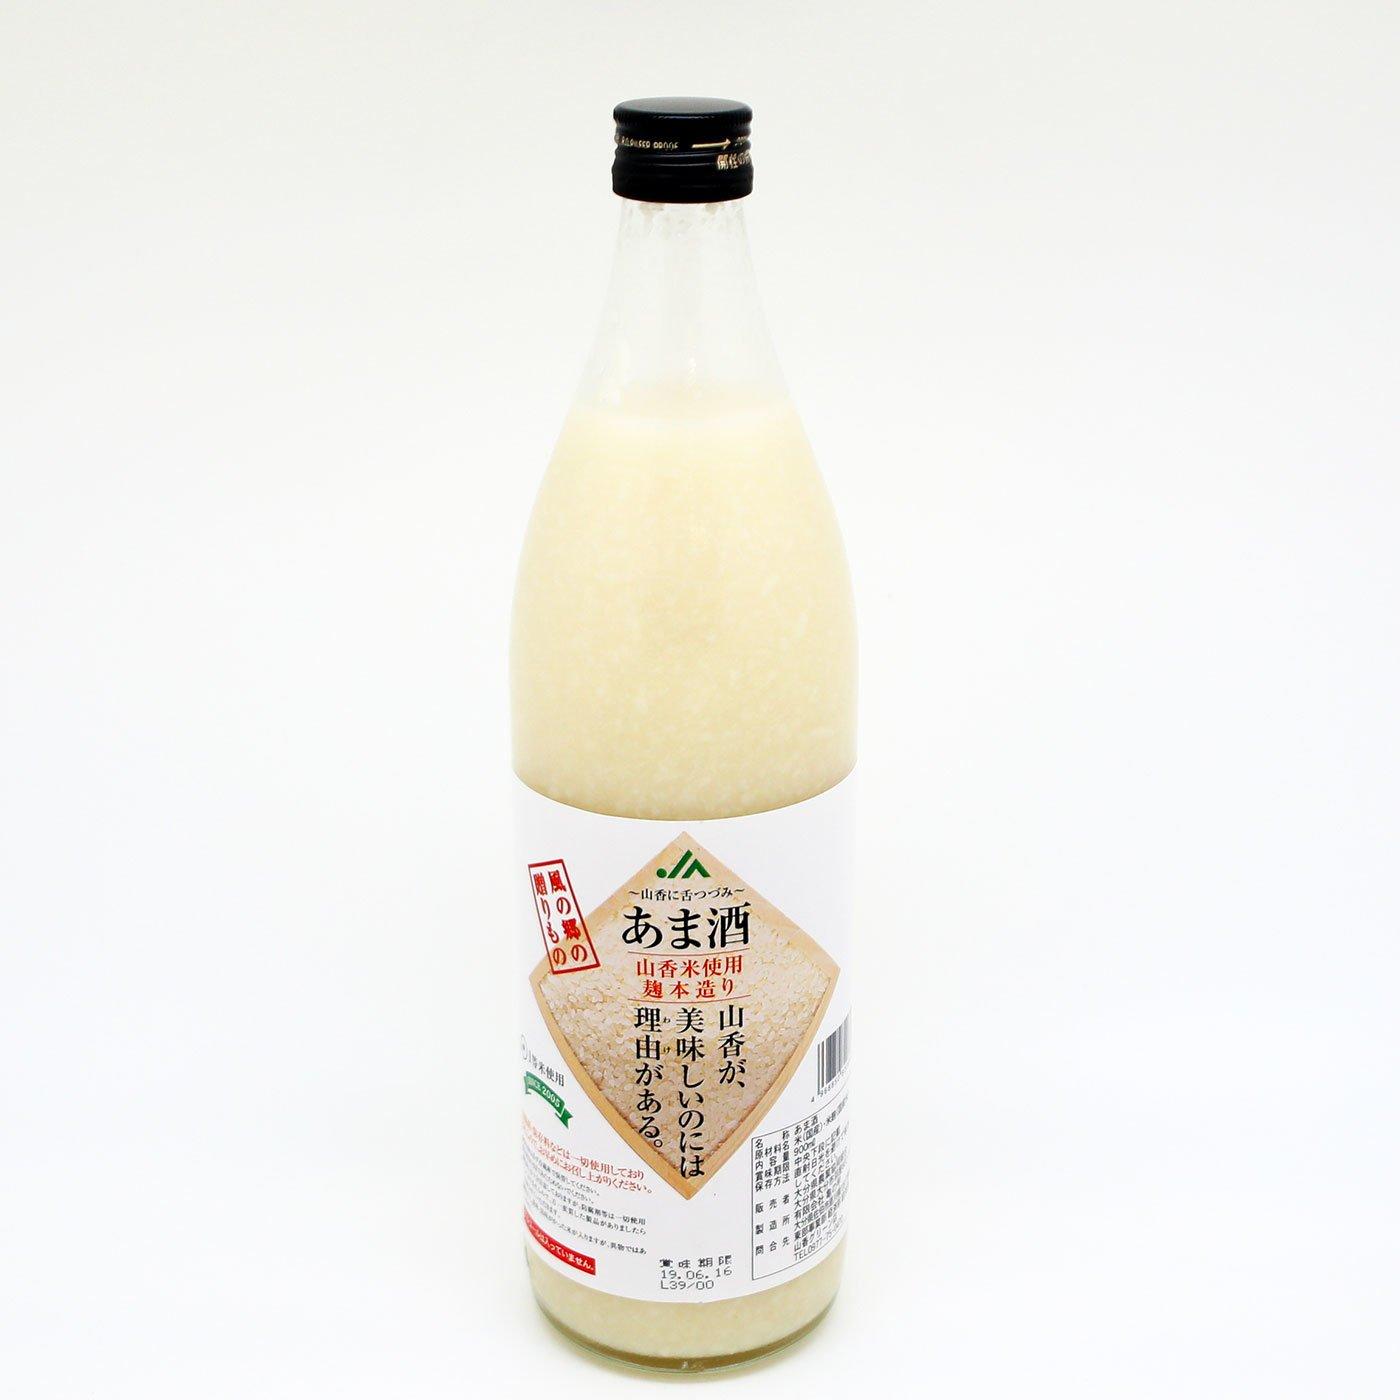 純農 家族想いの新定番! 大分 山香米のあま酒の会